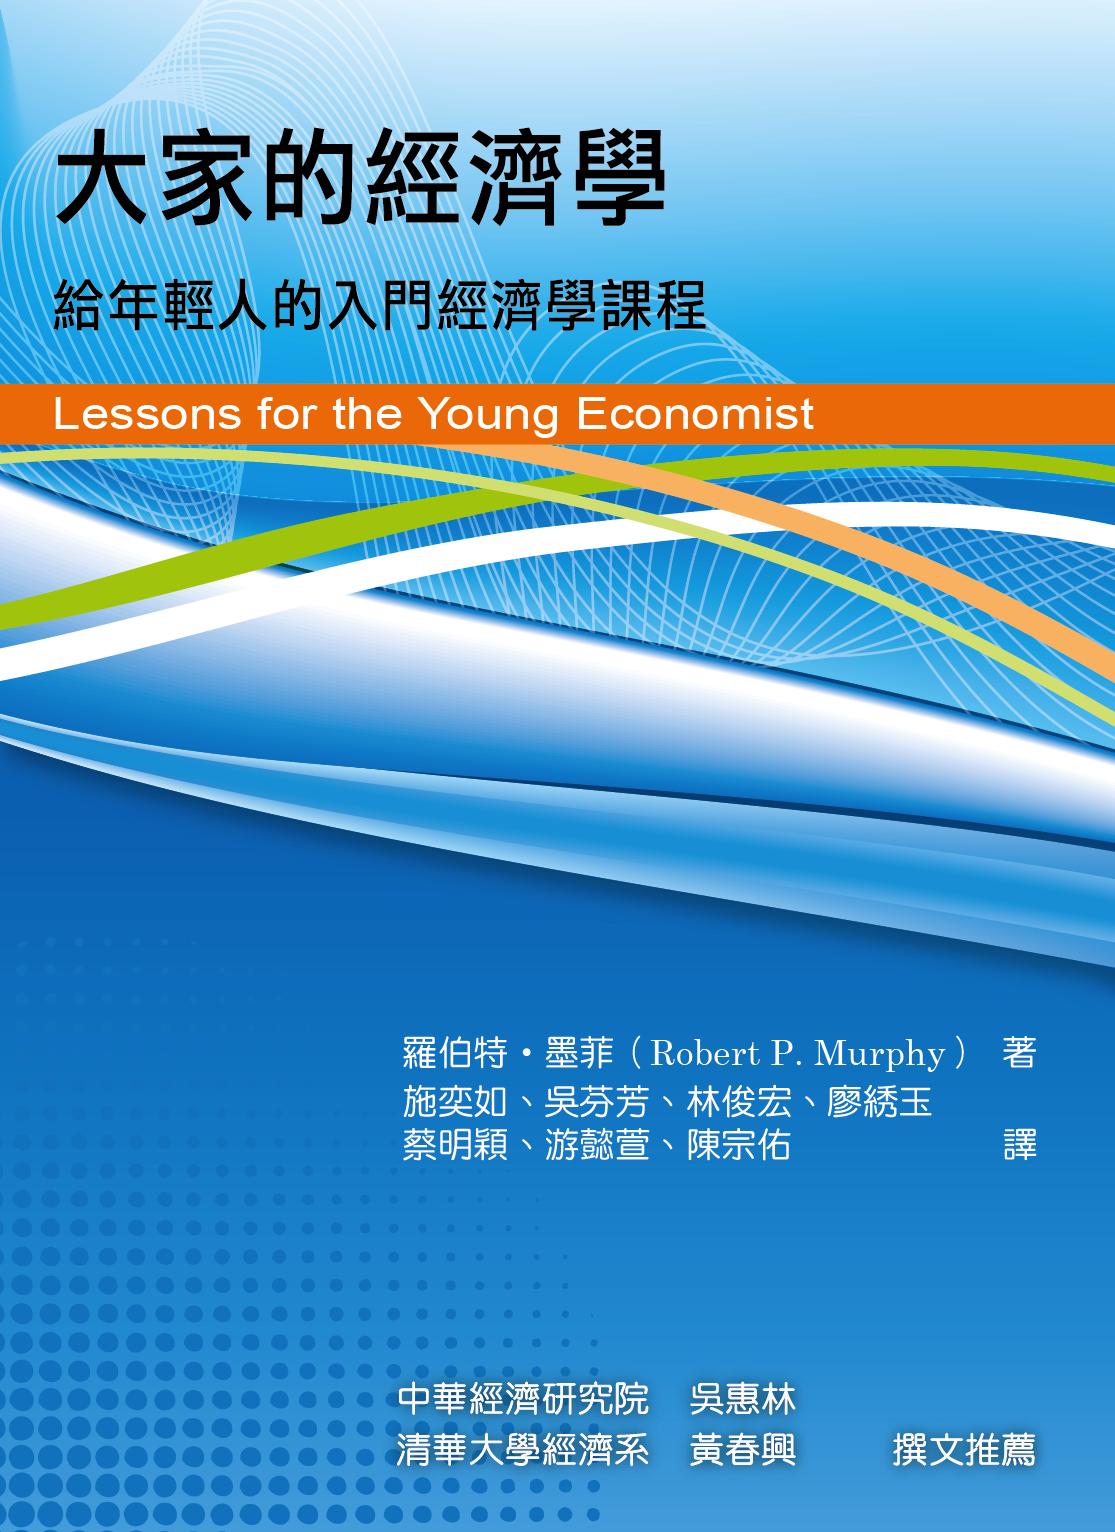 游藝文化的部落格: 《大家的經濟學:給年輕人的入門經濟學課程》新書訊息